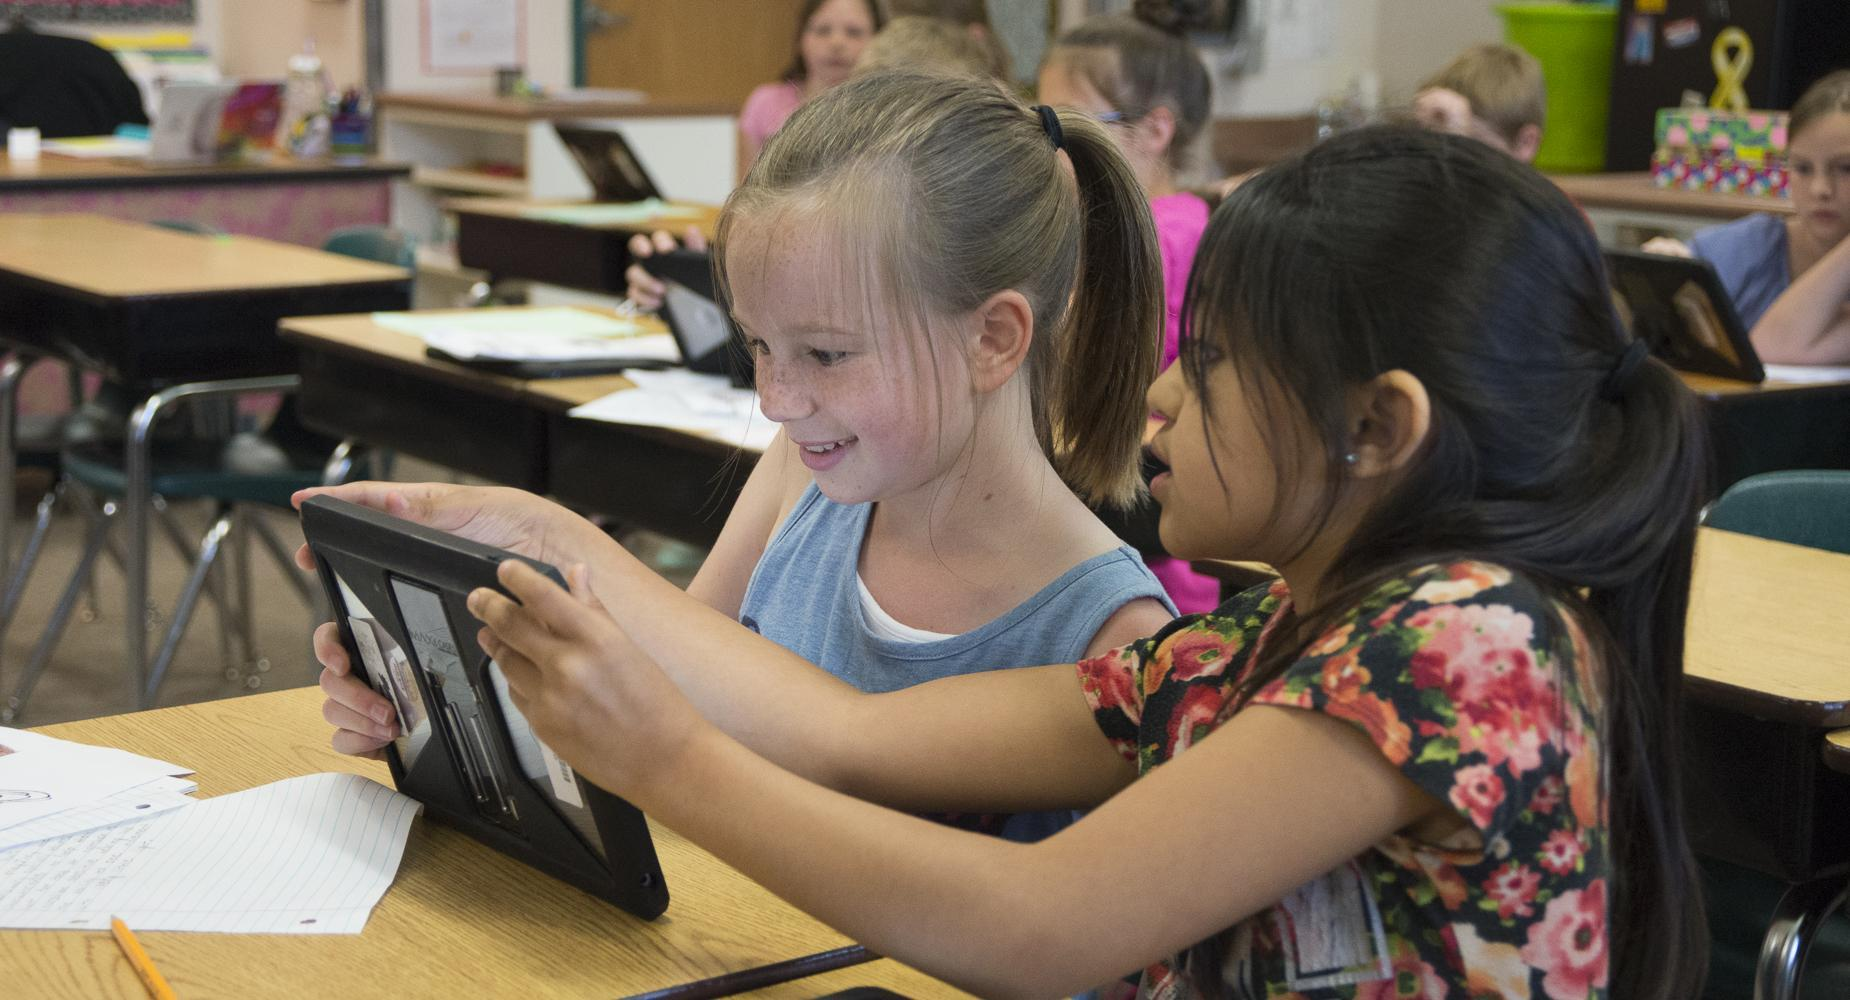 two girls read ipad